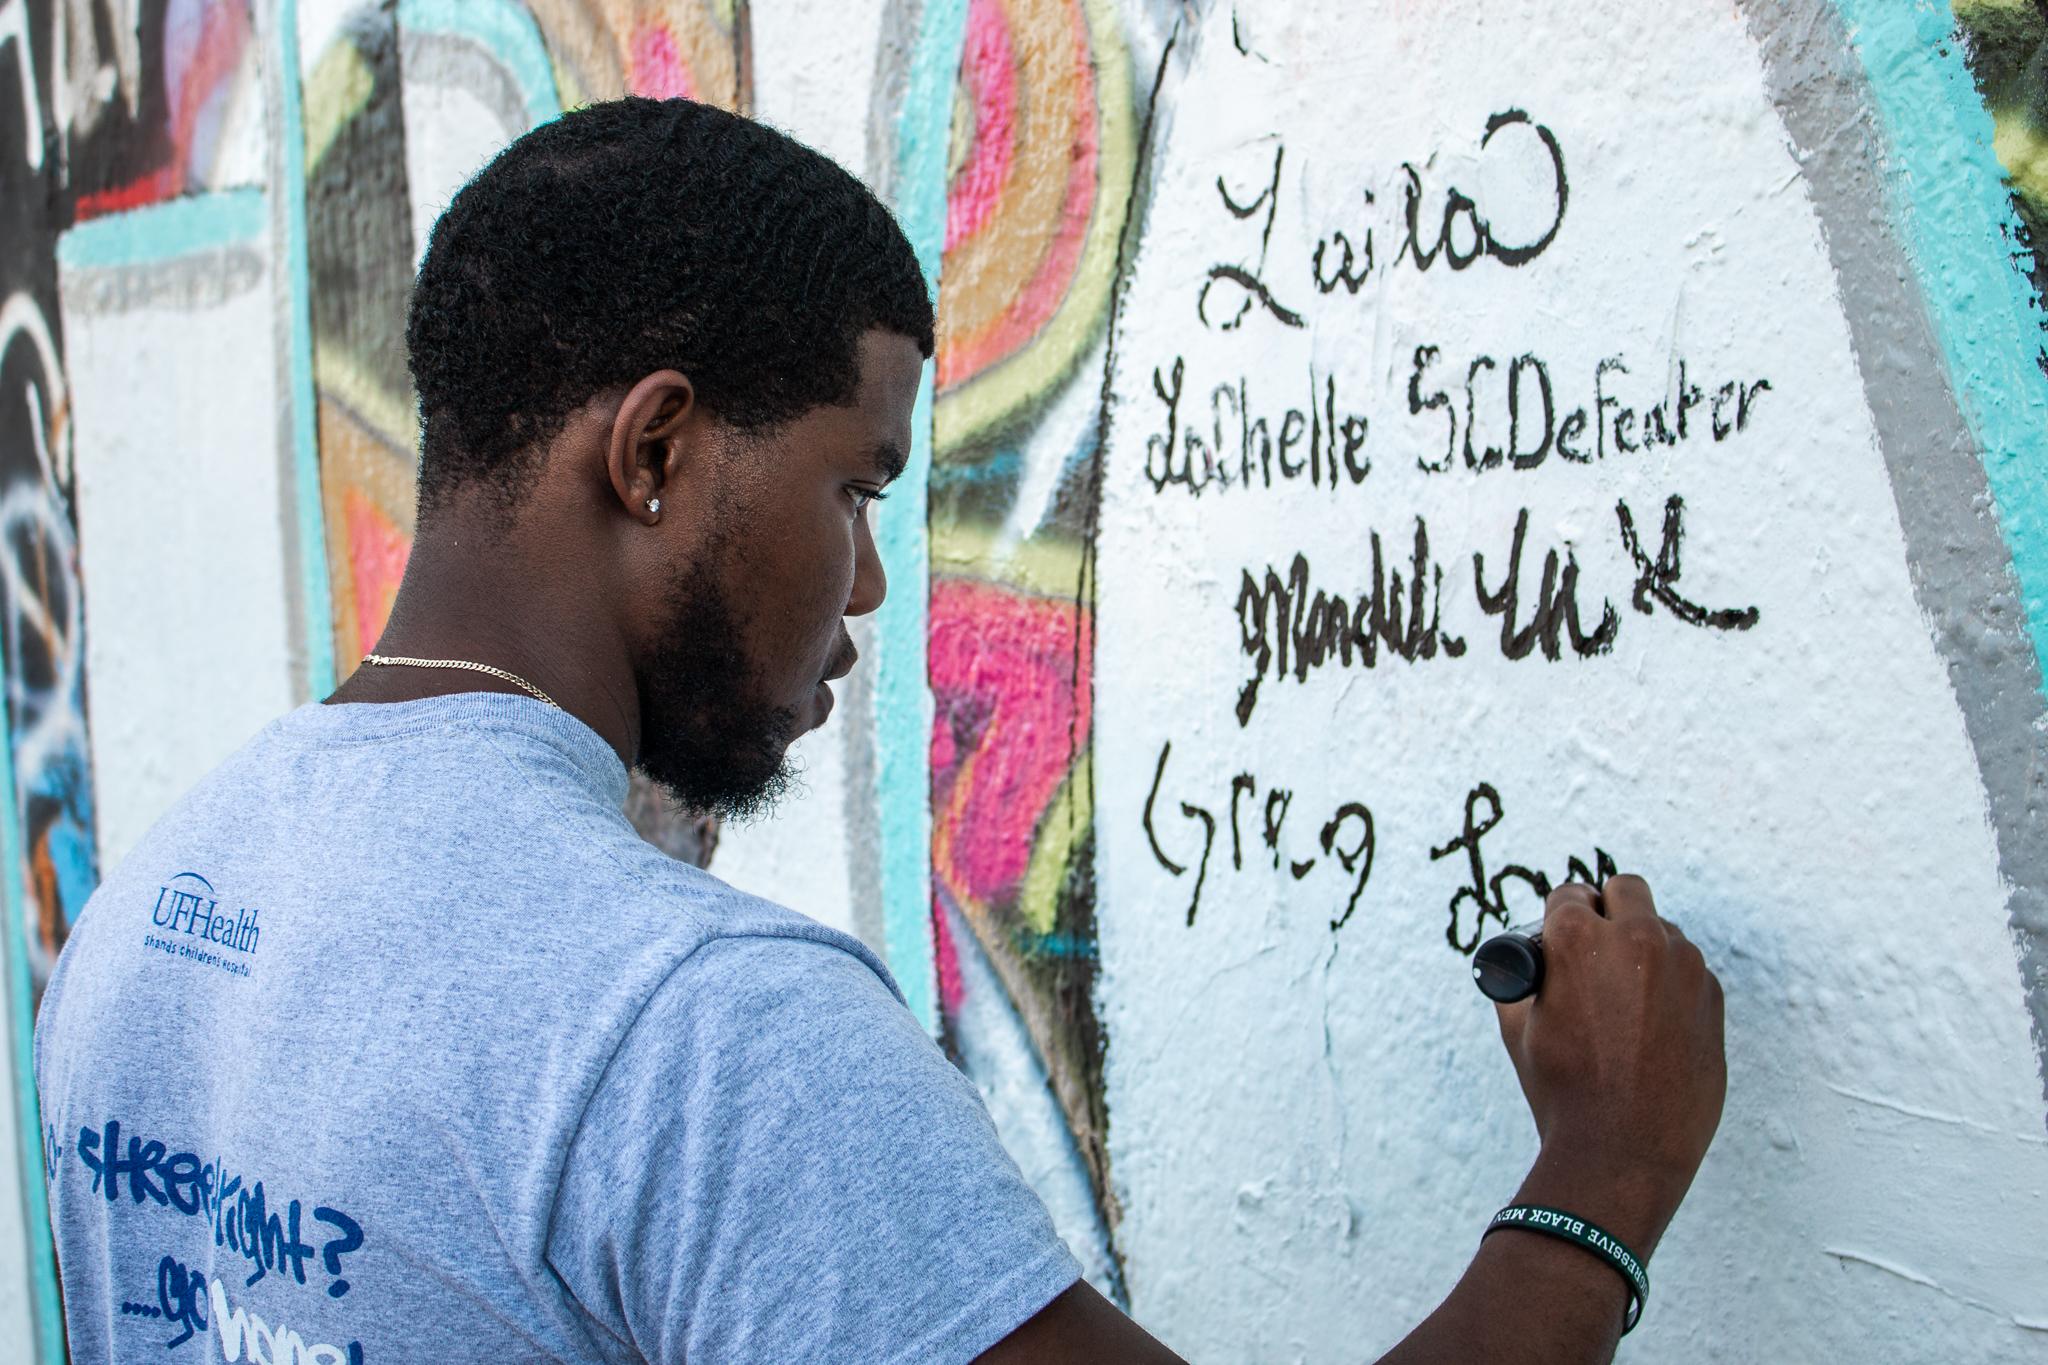 Streetlight volunteer signing his name on wall underneath other volunteers' names